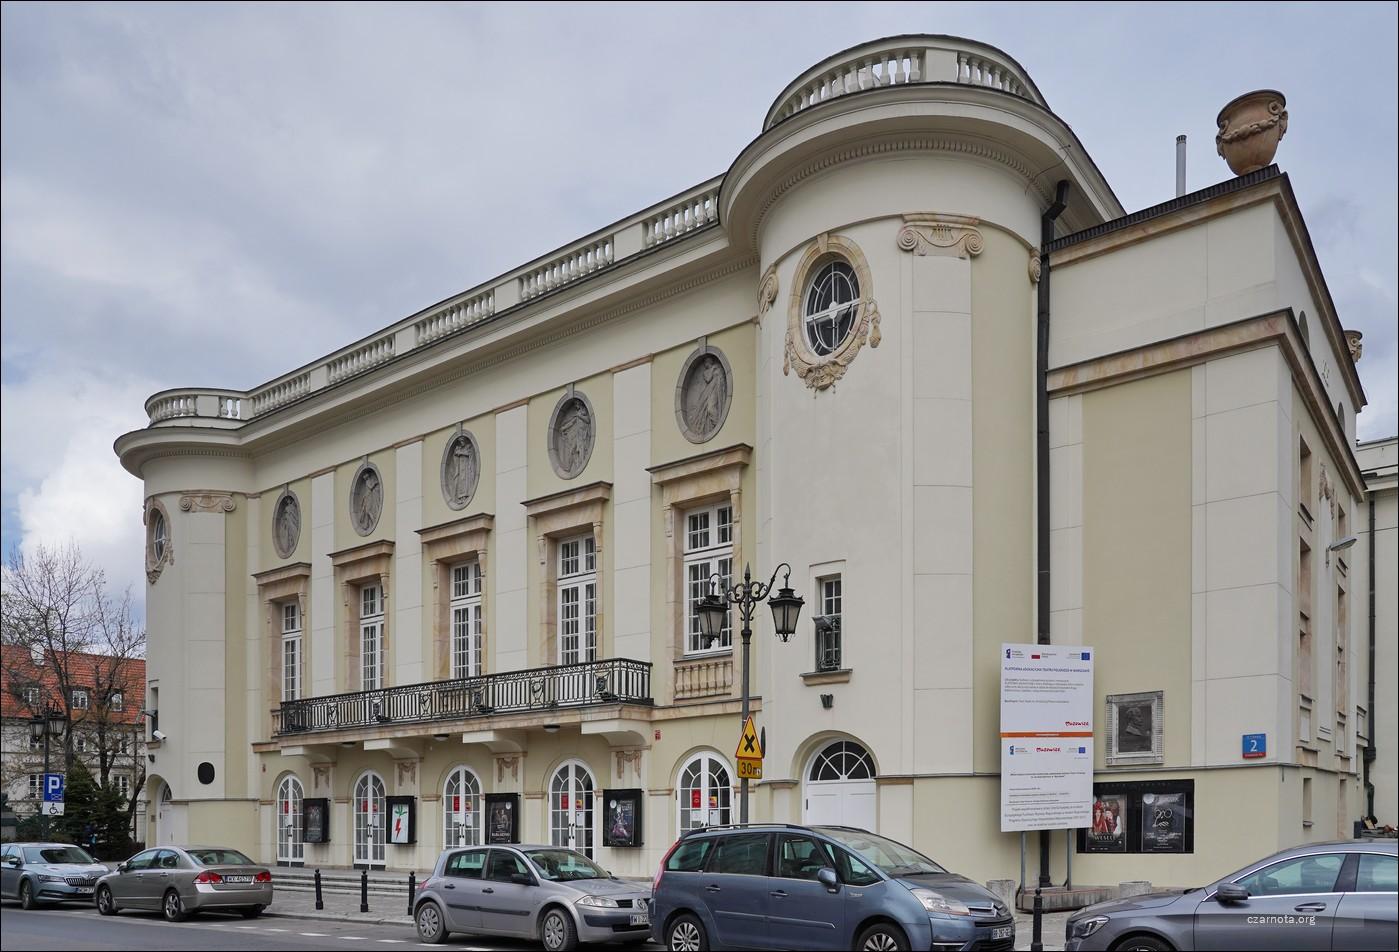 Warszawa, ul. Kazimierza Karasia 2, Teatr Polski im Arnolda Szyfmana w Warszawie w 2010 i 2021